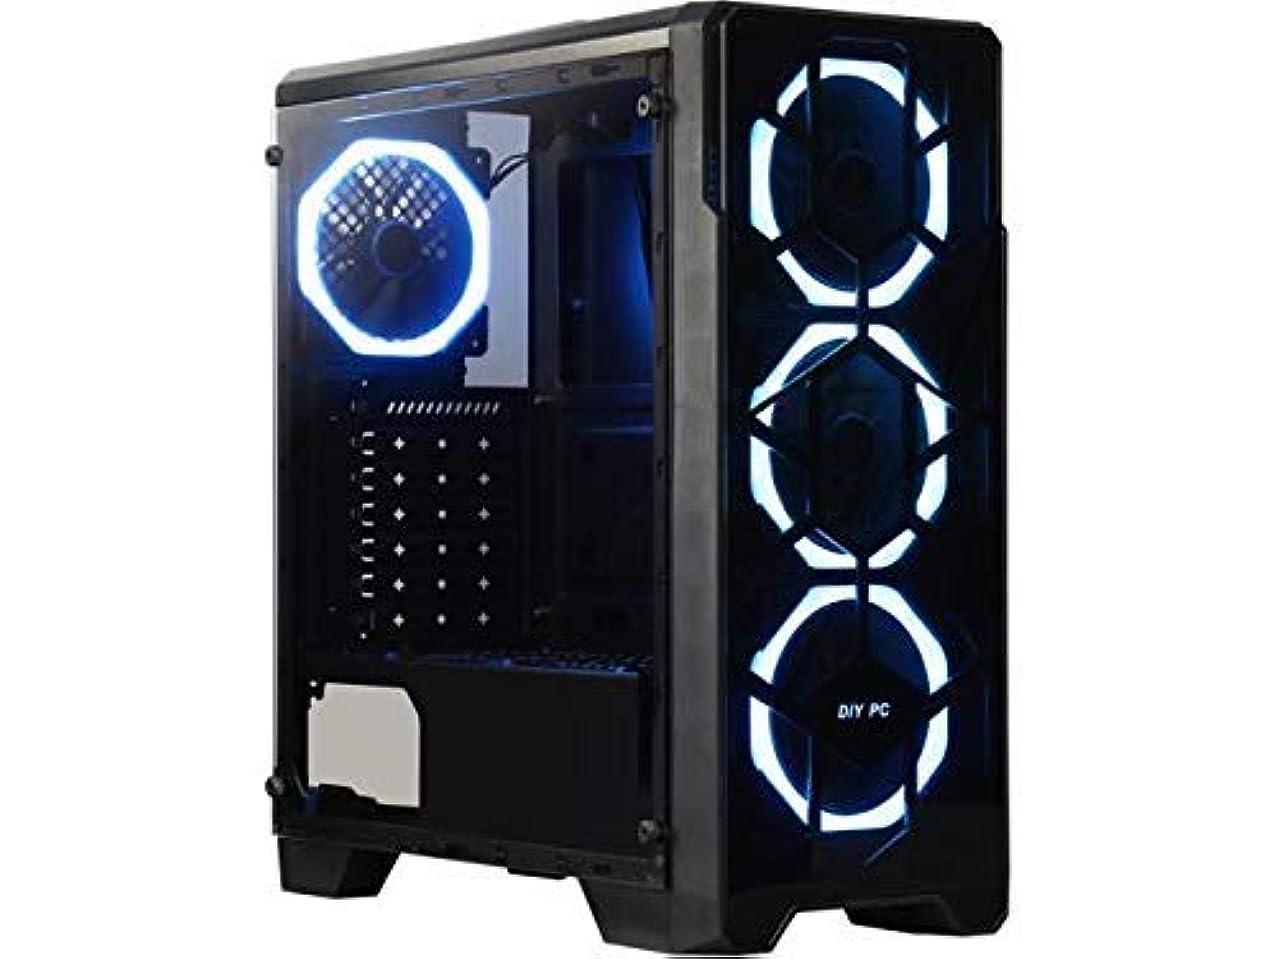 不変オープニング雄大なDIYPC クリスタルP3-RGB ブラック デュアルUSB3.0 スチール/強化ガラス ATX ミドルタワー ゲームコンピュータケース